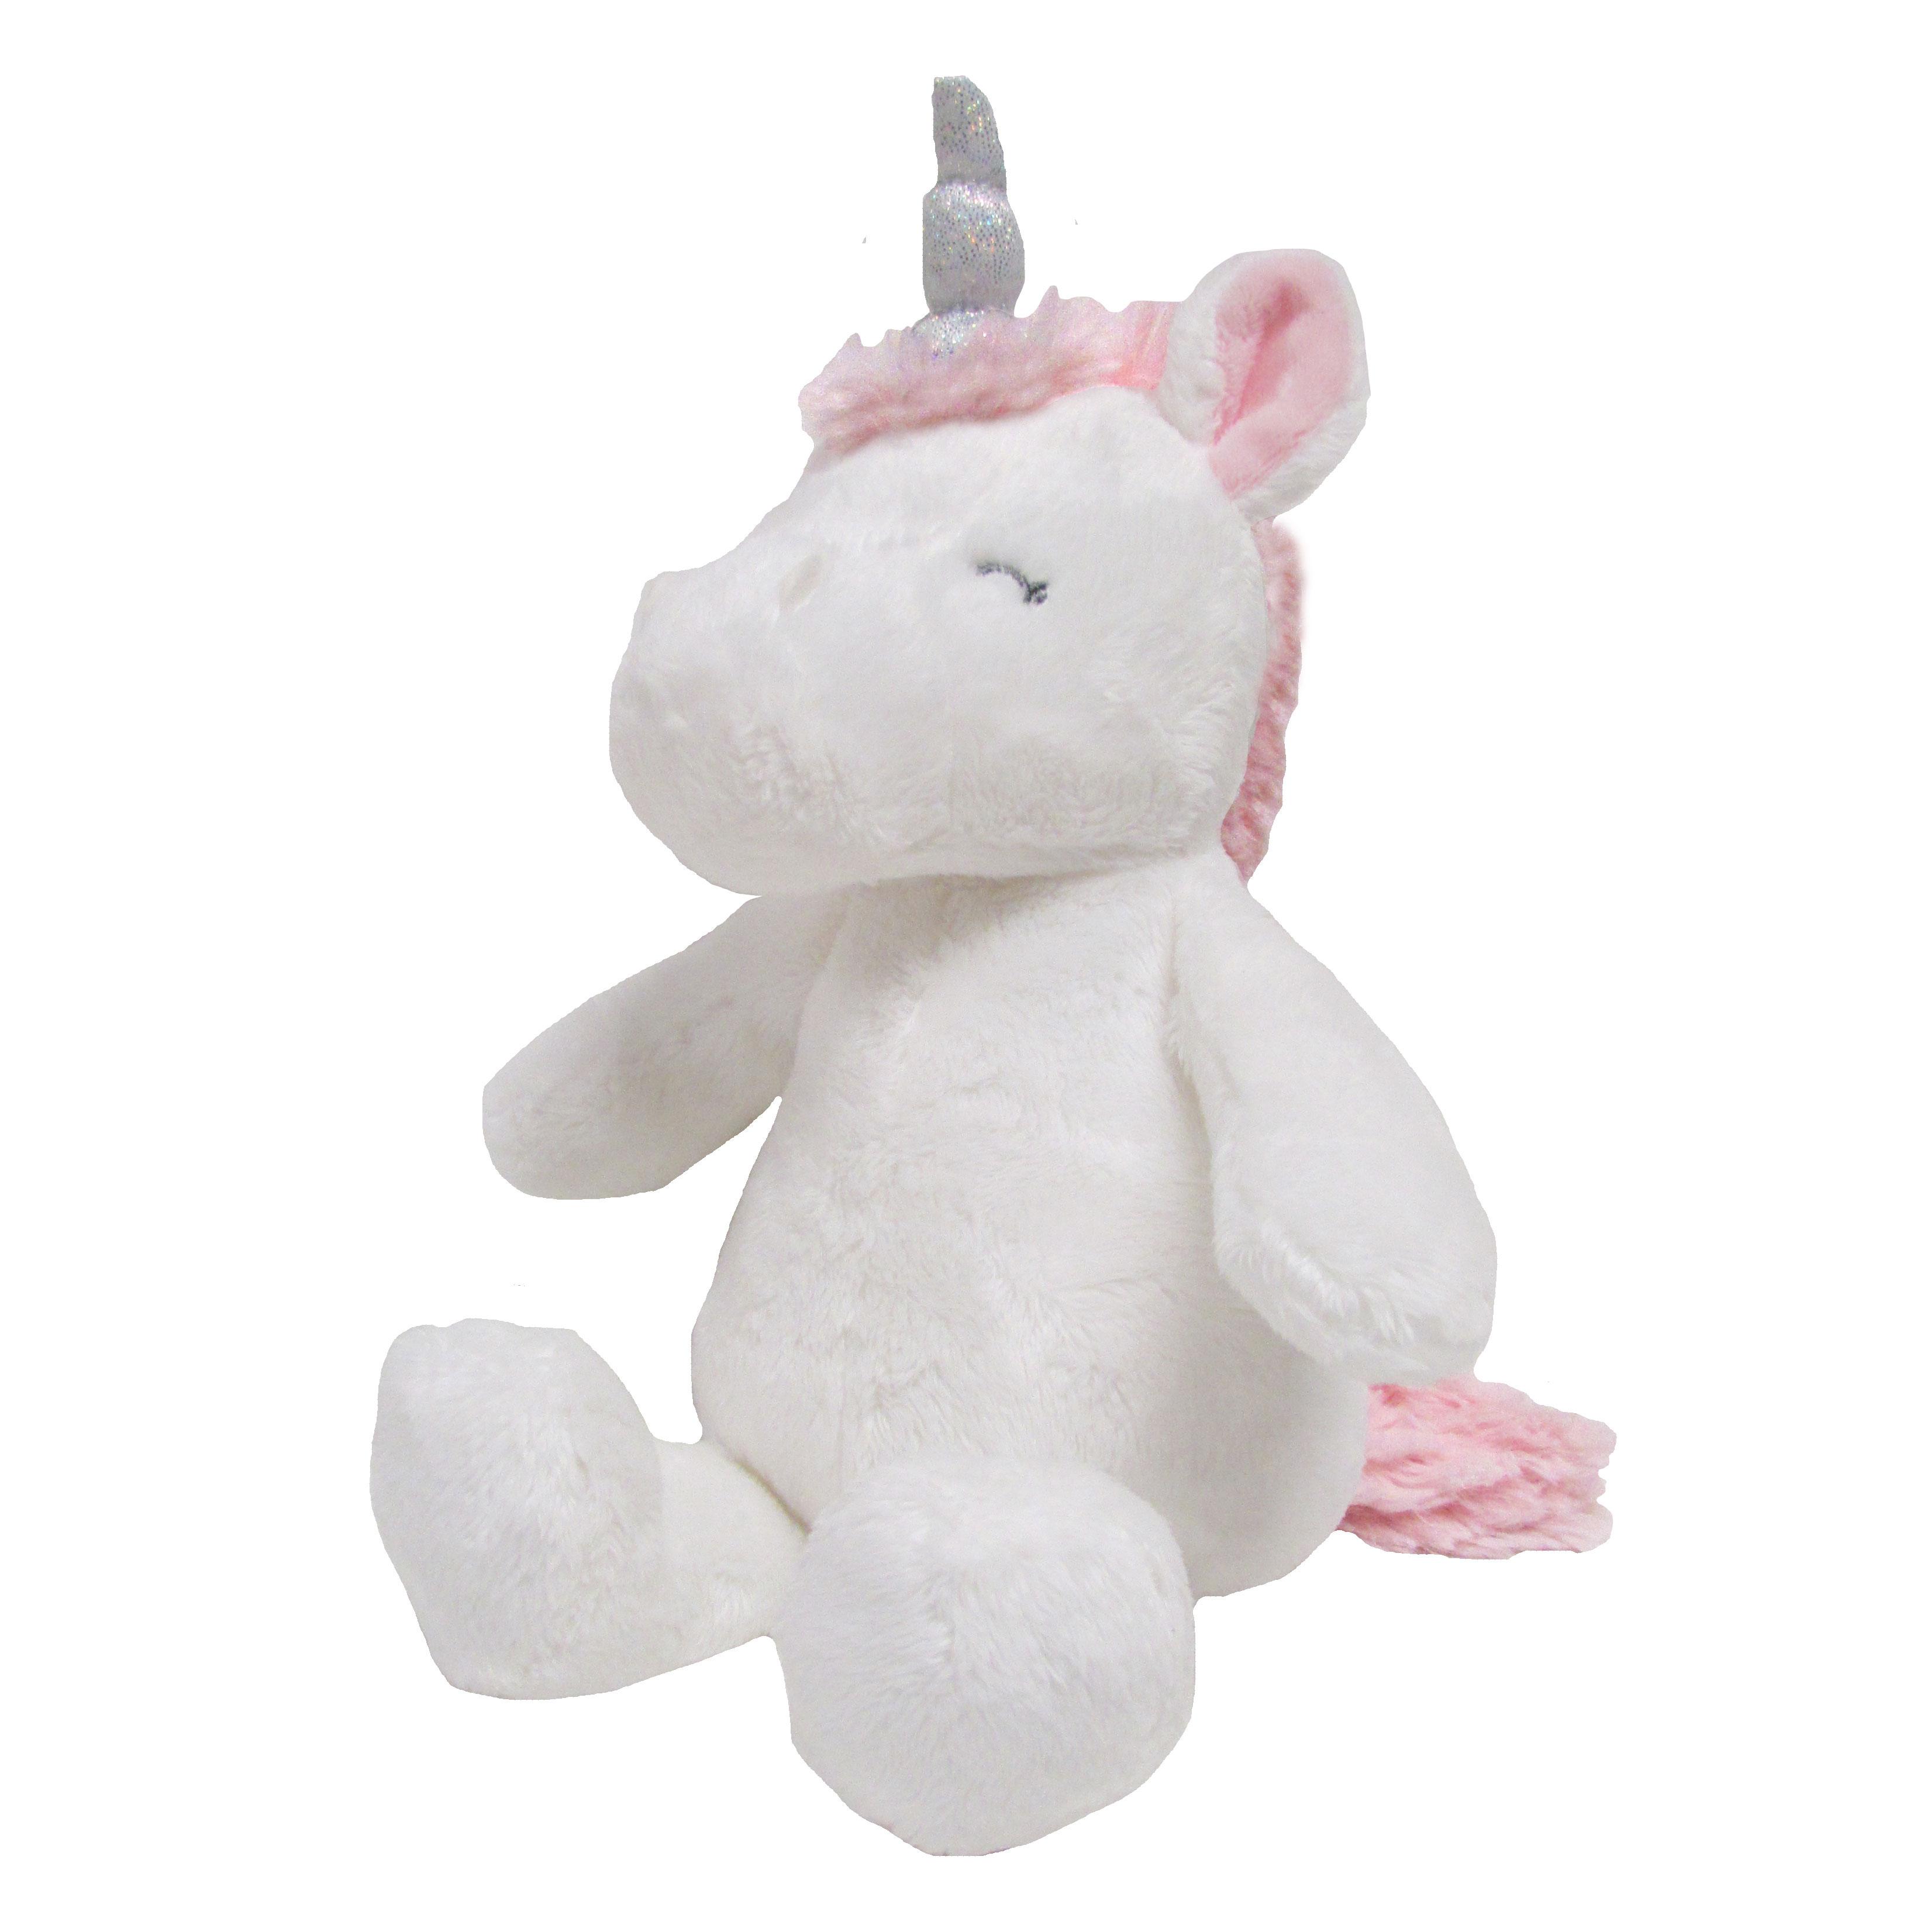 Unicorn Teddy Bear Toys R Us, Carter S Unicorn Waggy Musical Plush Toys R Us Canada